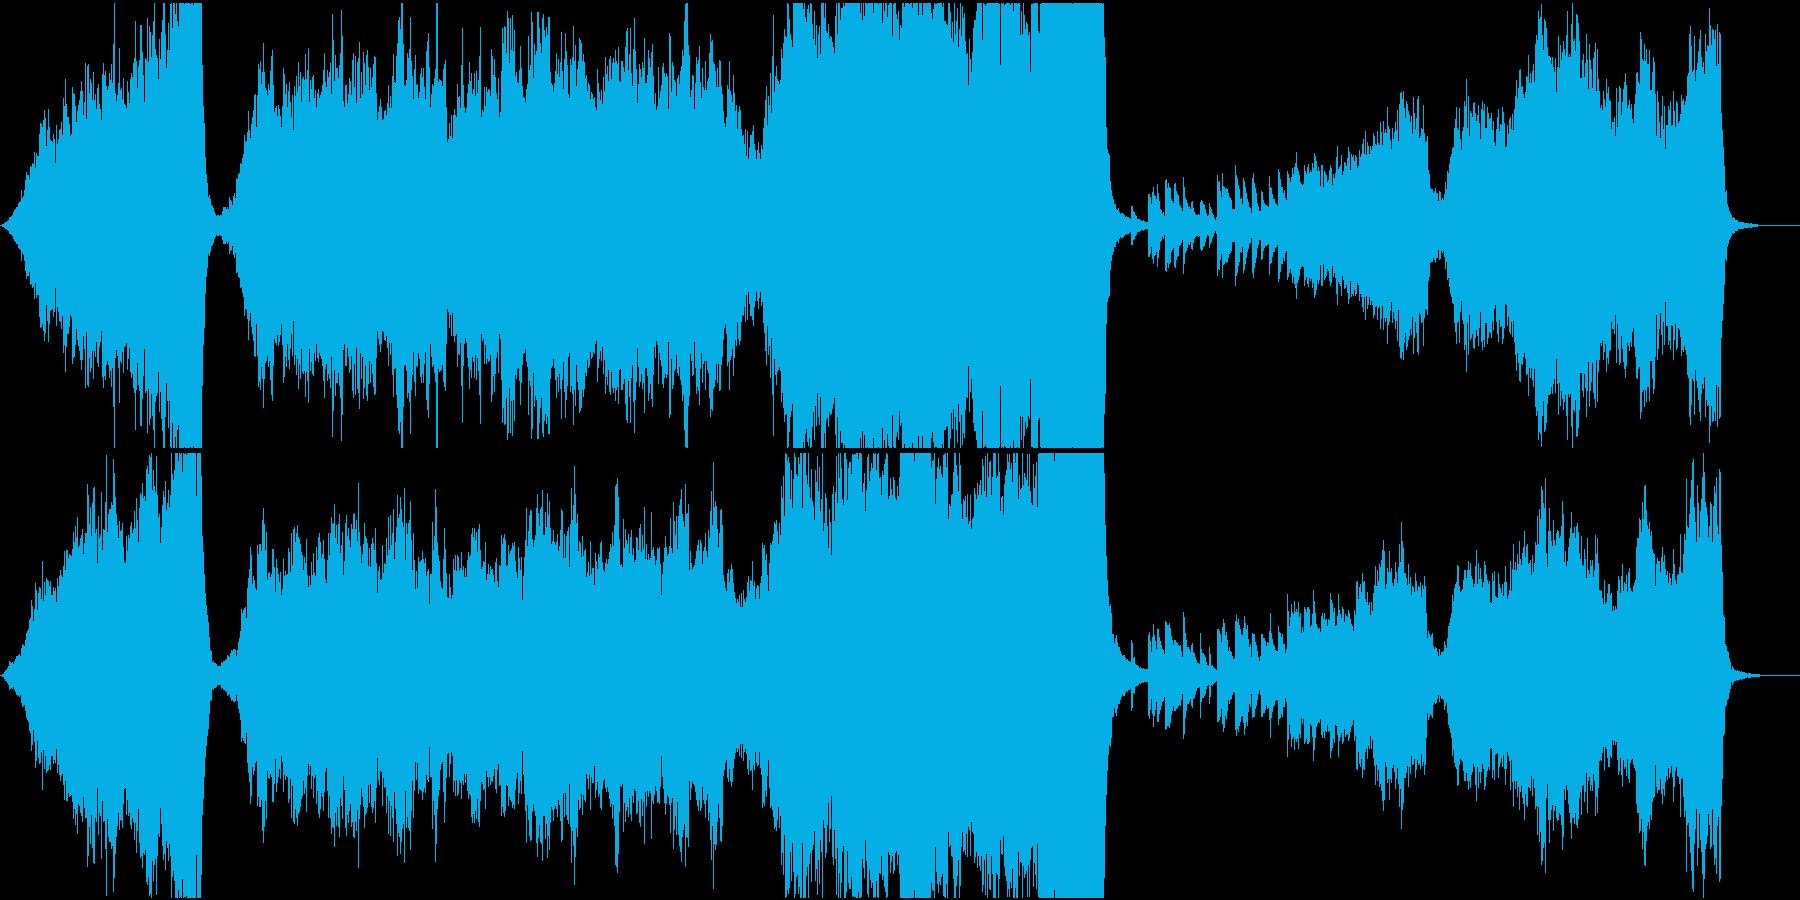 ヴァイオリンとラブロマンスとバラードの再生済みの波形